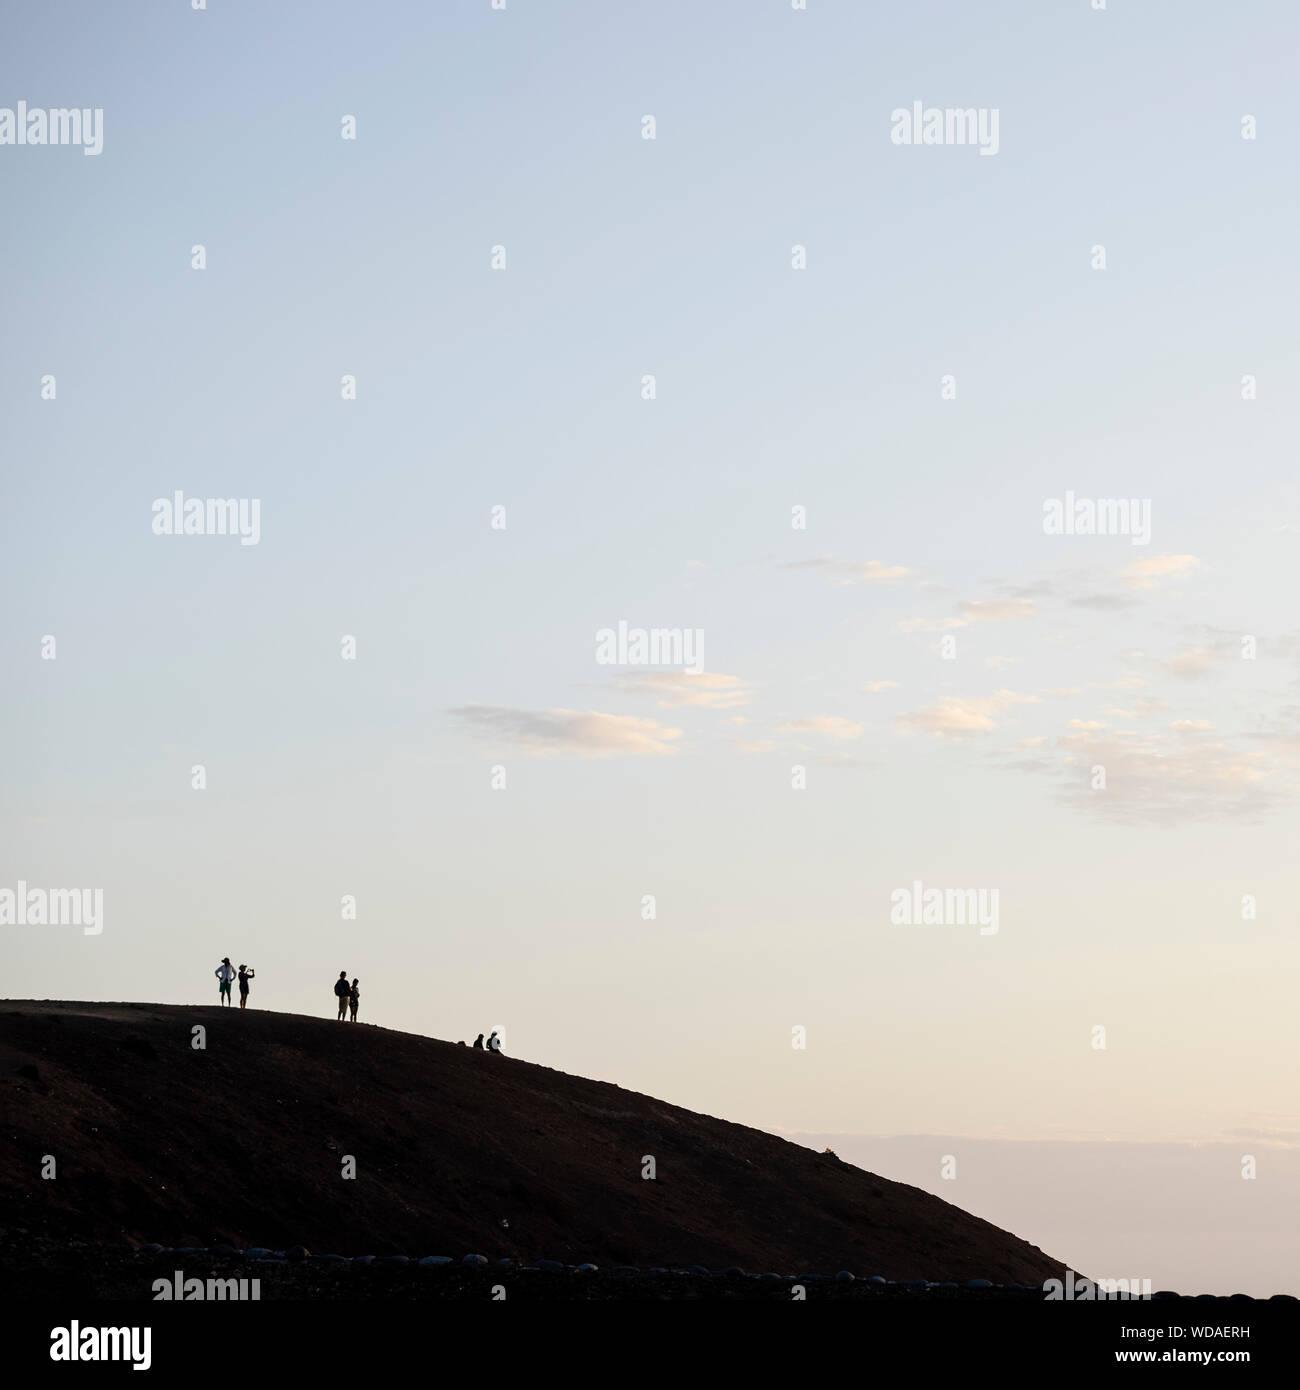 Silhouette von Menschen auf einem Hügel Stockfoto